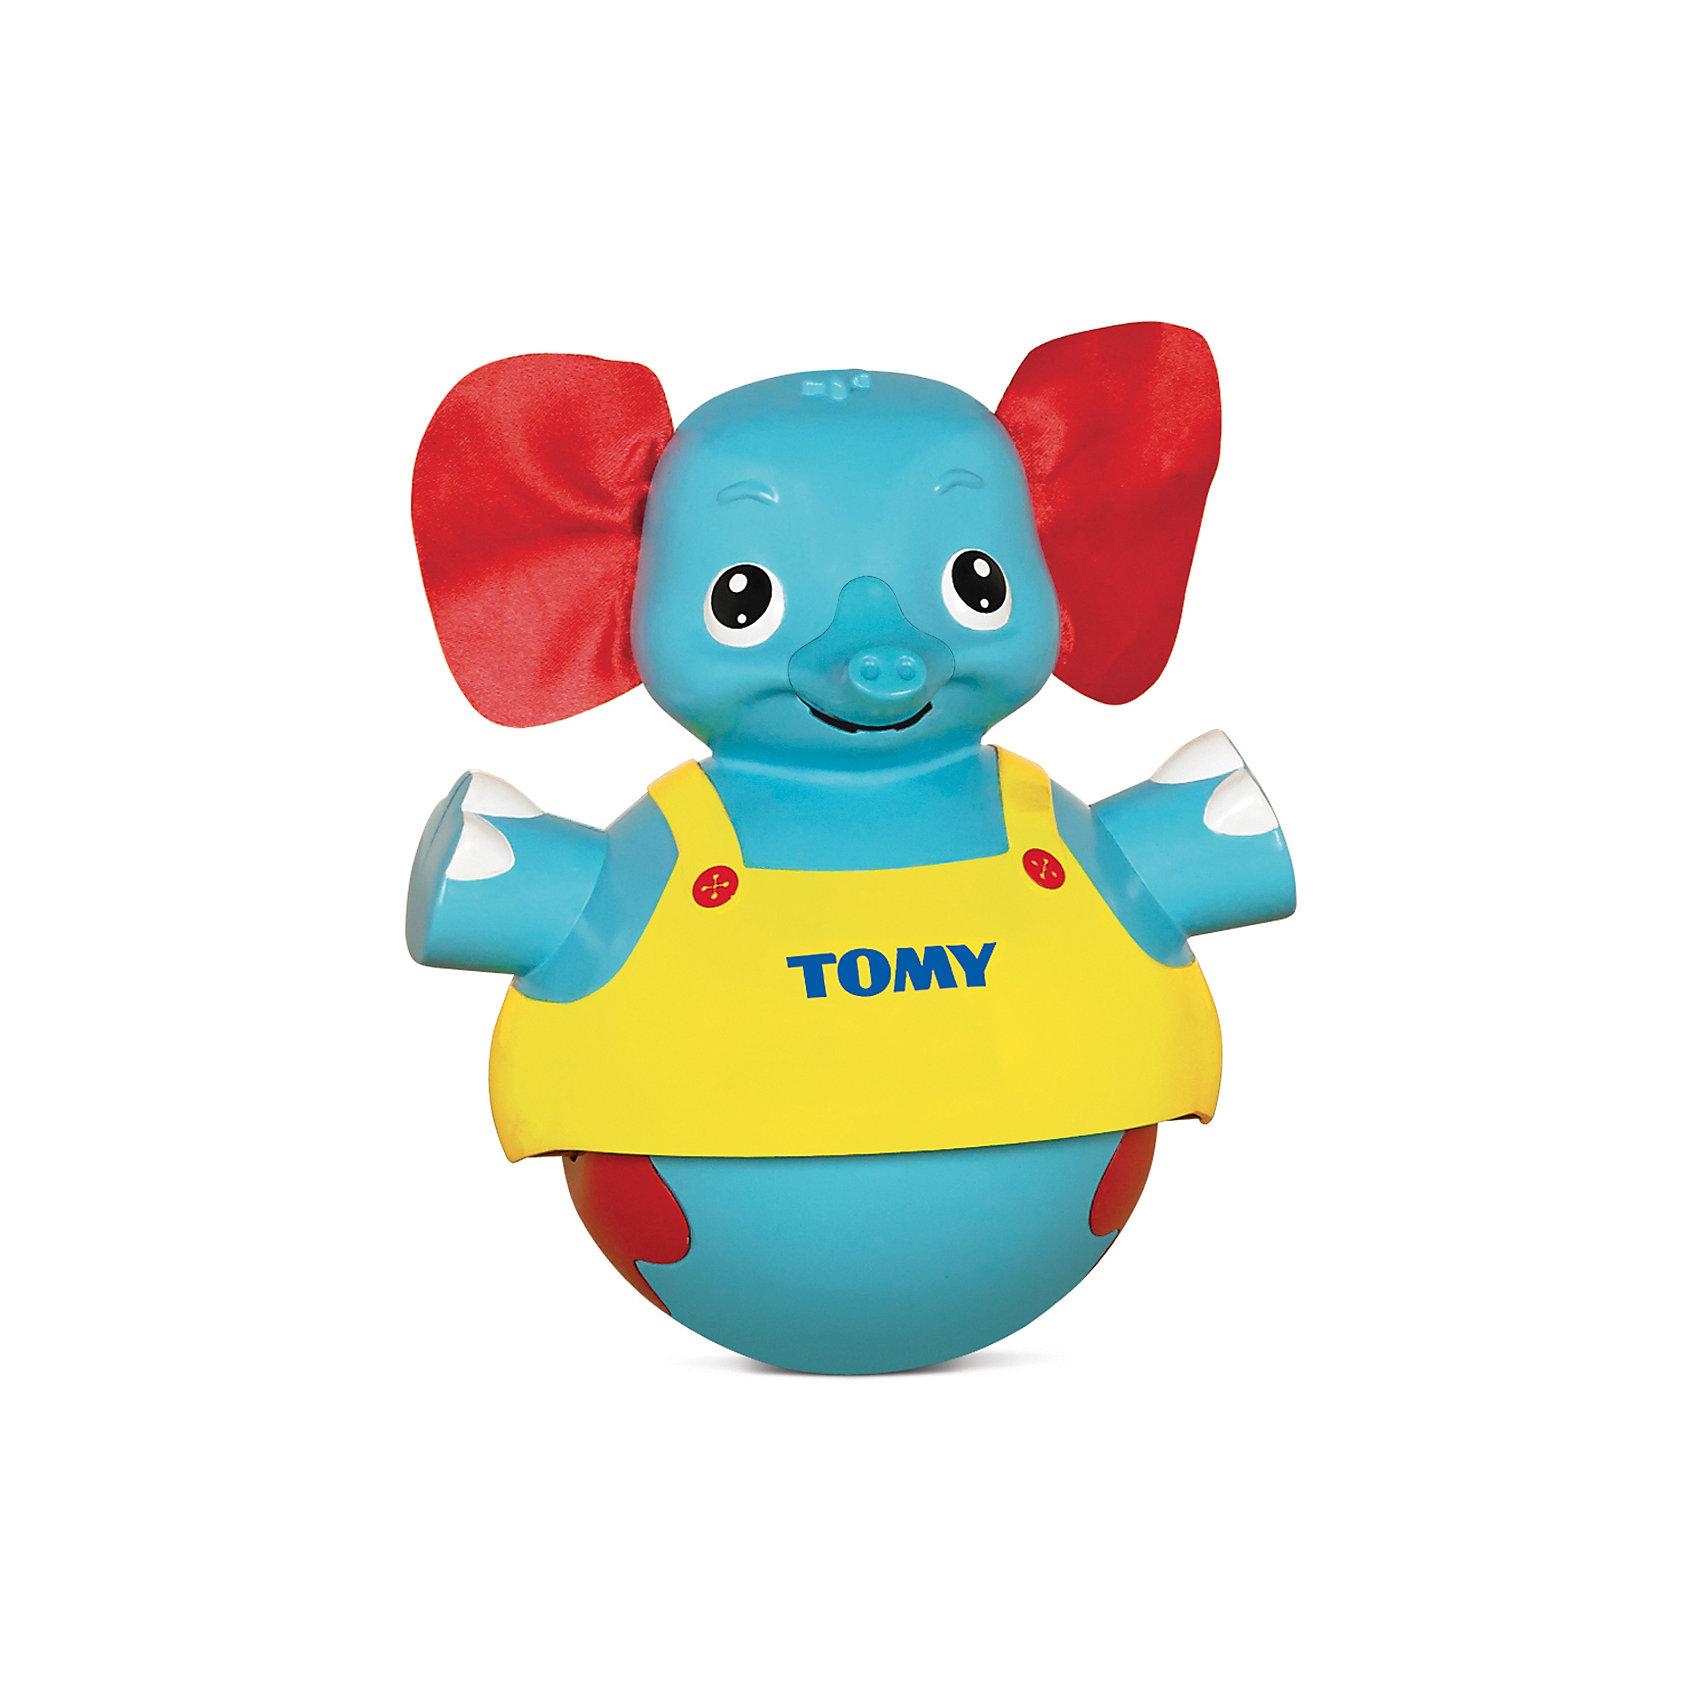 Неваляшка Слоник учится ходить, TOMYНеваляшки<br>Классическая игрушка - неваляшка, знакомая всем с детства, в новом ярком исполнении. Слоник имеет ушки из ткани, сам выполнен из гипоаллергенного пластика, безопасного для детей. Этот милый слоненок подходит для детей разного возраста. Если ваш кроха еще не умеет самостоятельно передвигаться, он может просто наблюдать за слоником и слушать веселую мелодию. Если малыш уже может самостоятельно ползать или ходить, можно поставить слоника рядом с ним, нажать на голову - игрушка будет двигаться вперед и исполнять мелодию, стимулируя ребенка идти или ползти за ней. <br><br>Дополнительная информация:<br><br>- Материал: пластик, текстиль.<br>- Высота: 19 см.<br>- Цвет: желтый, красный, голубой.<br>- Звуковые эффекты: есть.<br>- Элемент питания: 3 батарейки ААА( в комплекте).<br><br>Игрушку Слоник учится ходить, TOMY (Томи) можно купить в нашем магазине.<br><br>Ширина мм: 210<br>Глубина мм: 150<br>Высота мм: 210<br>Вес г: 977<br>Возраст от месяцев: 10<br>Возраст до месяцев: 36<br>Пол: Унисекс<br>Возраст: Детский<br>SKU: 3922277